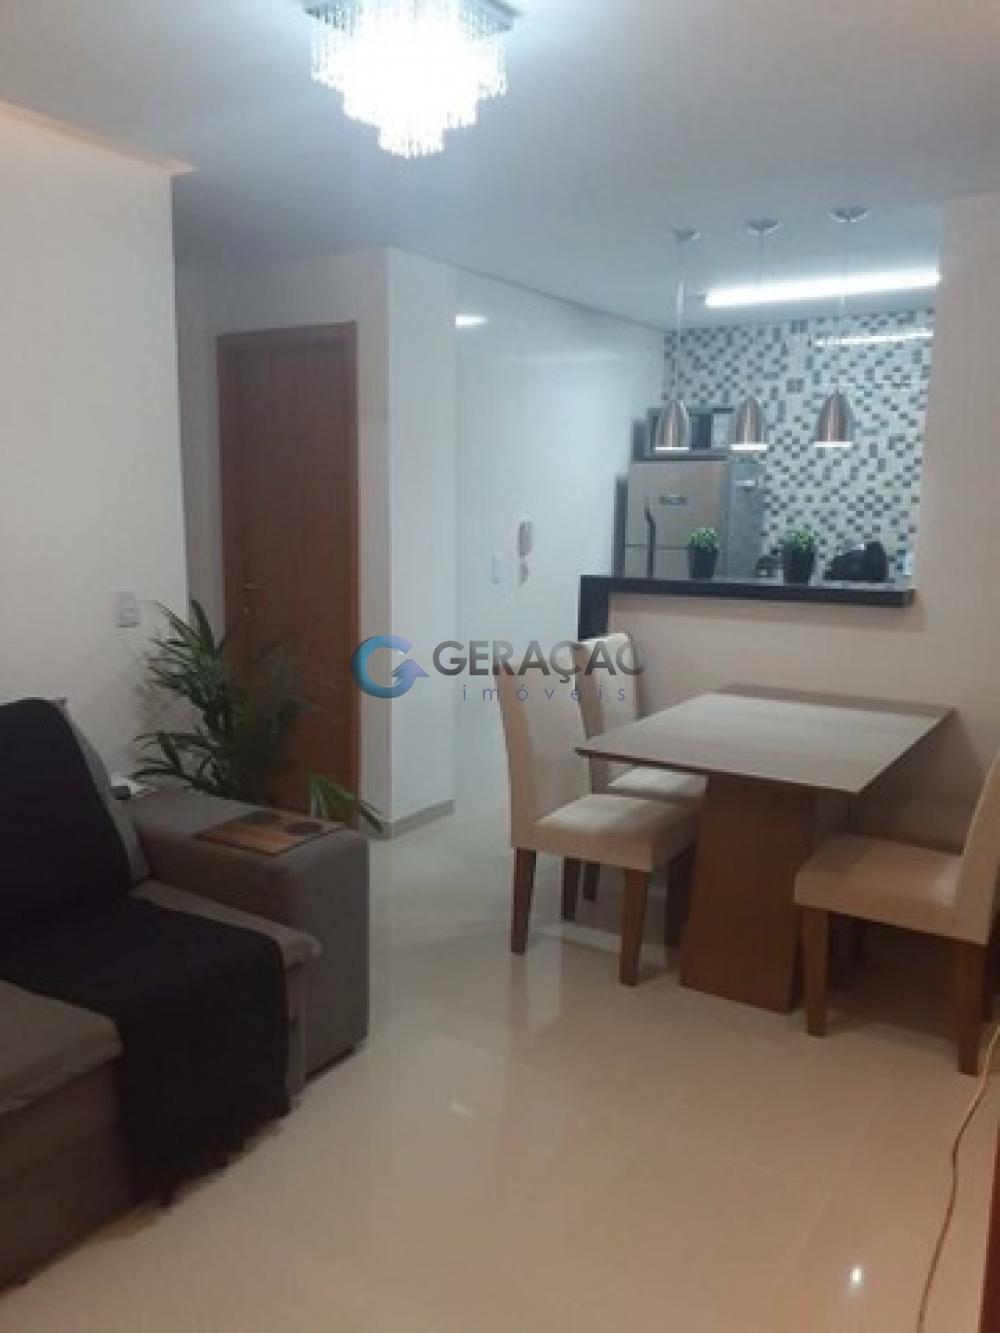 Comprar Apartamento / Padrão em São José dos Campos R$ 170.000,00 - Foto 2